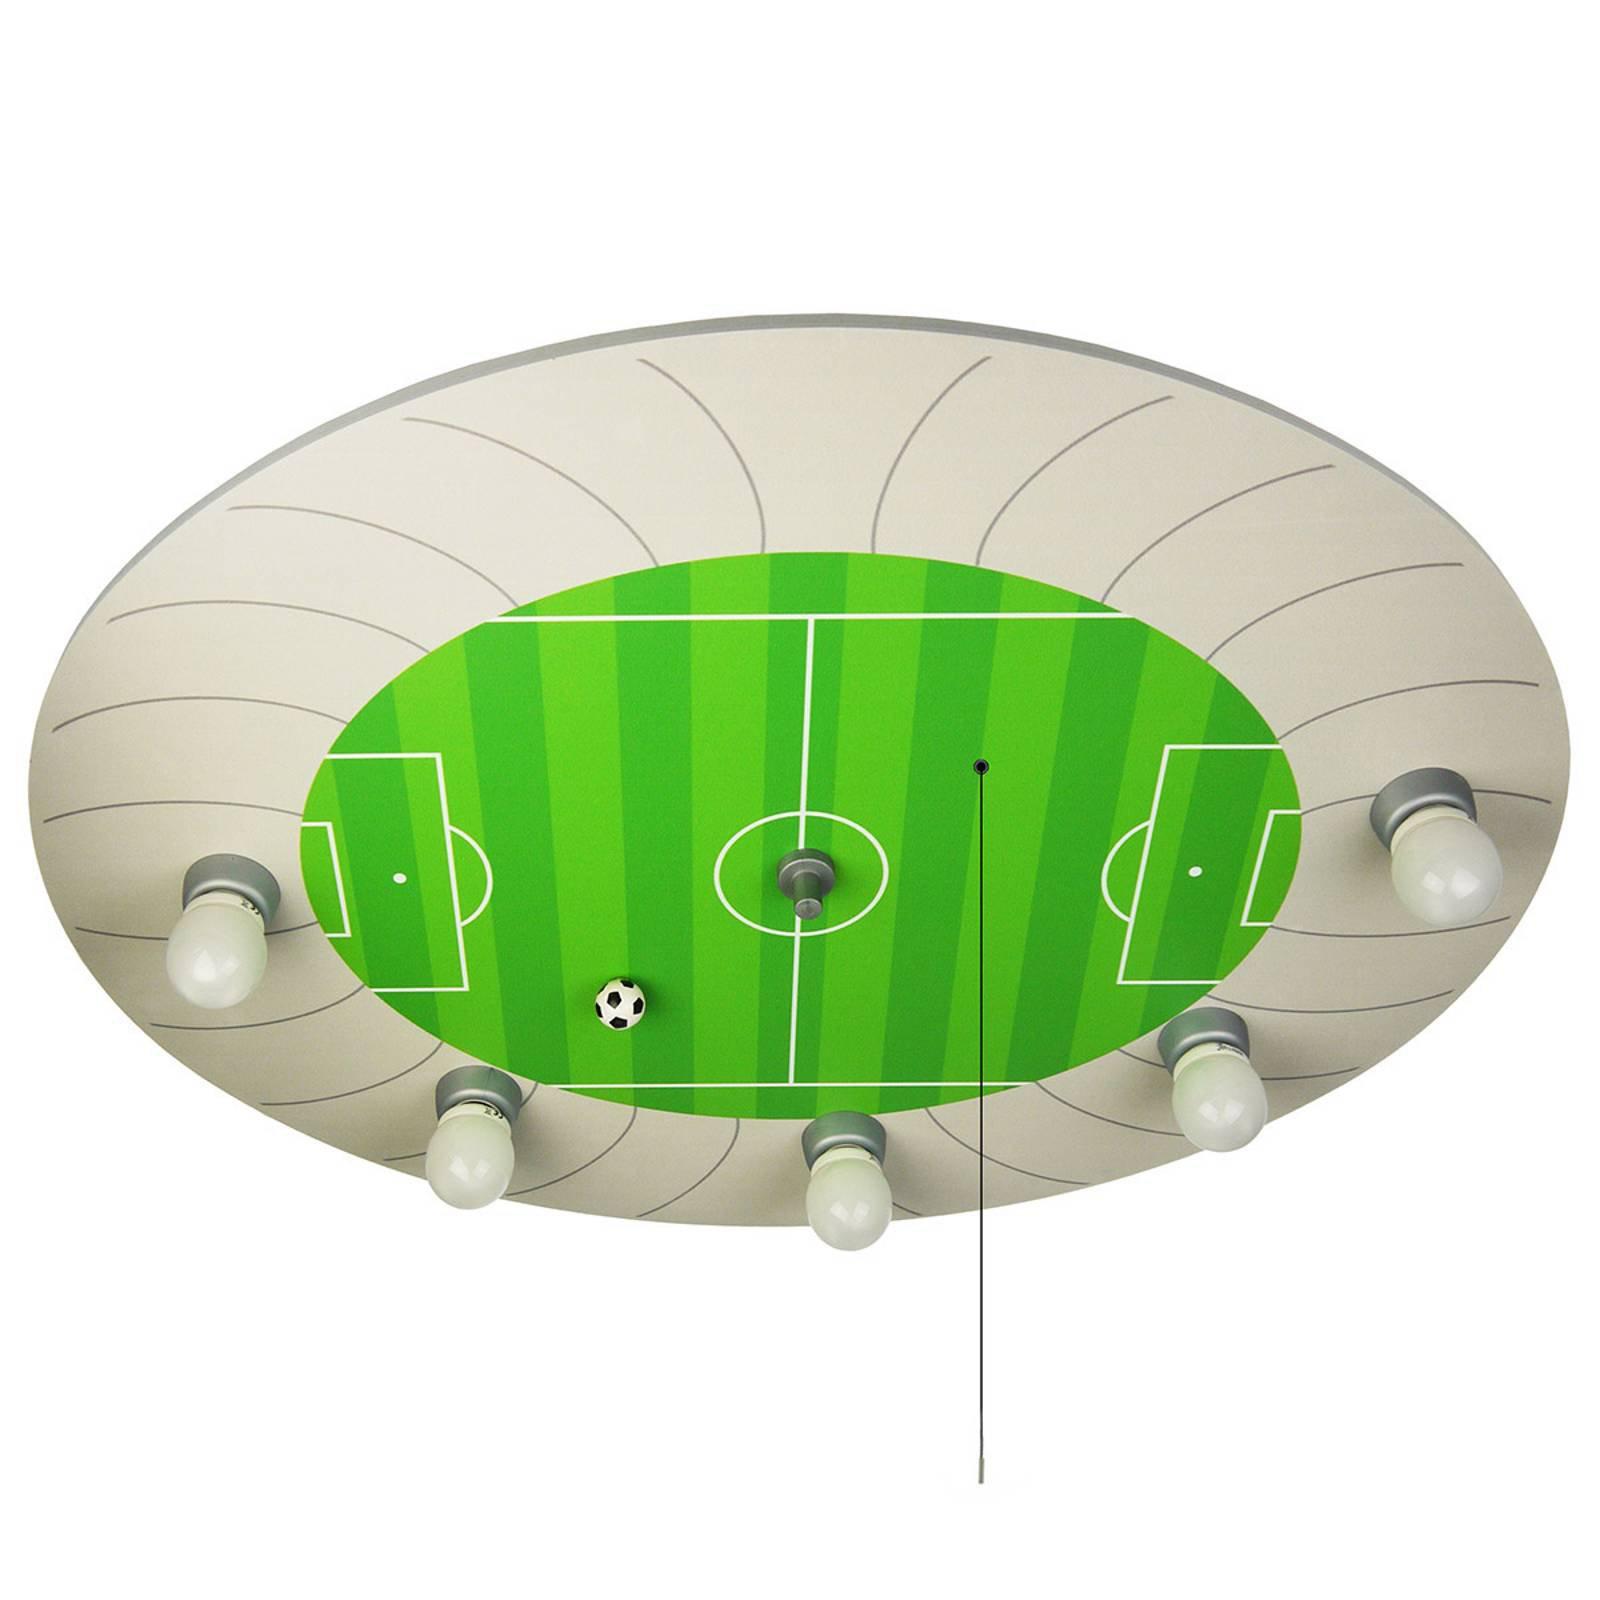 Fotballstadion taklampe med Alexa-modul